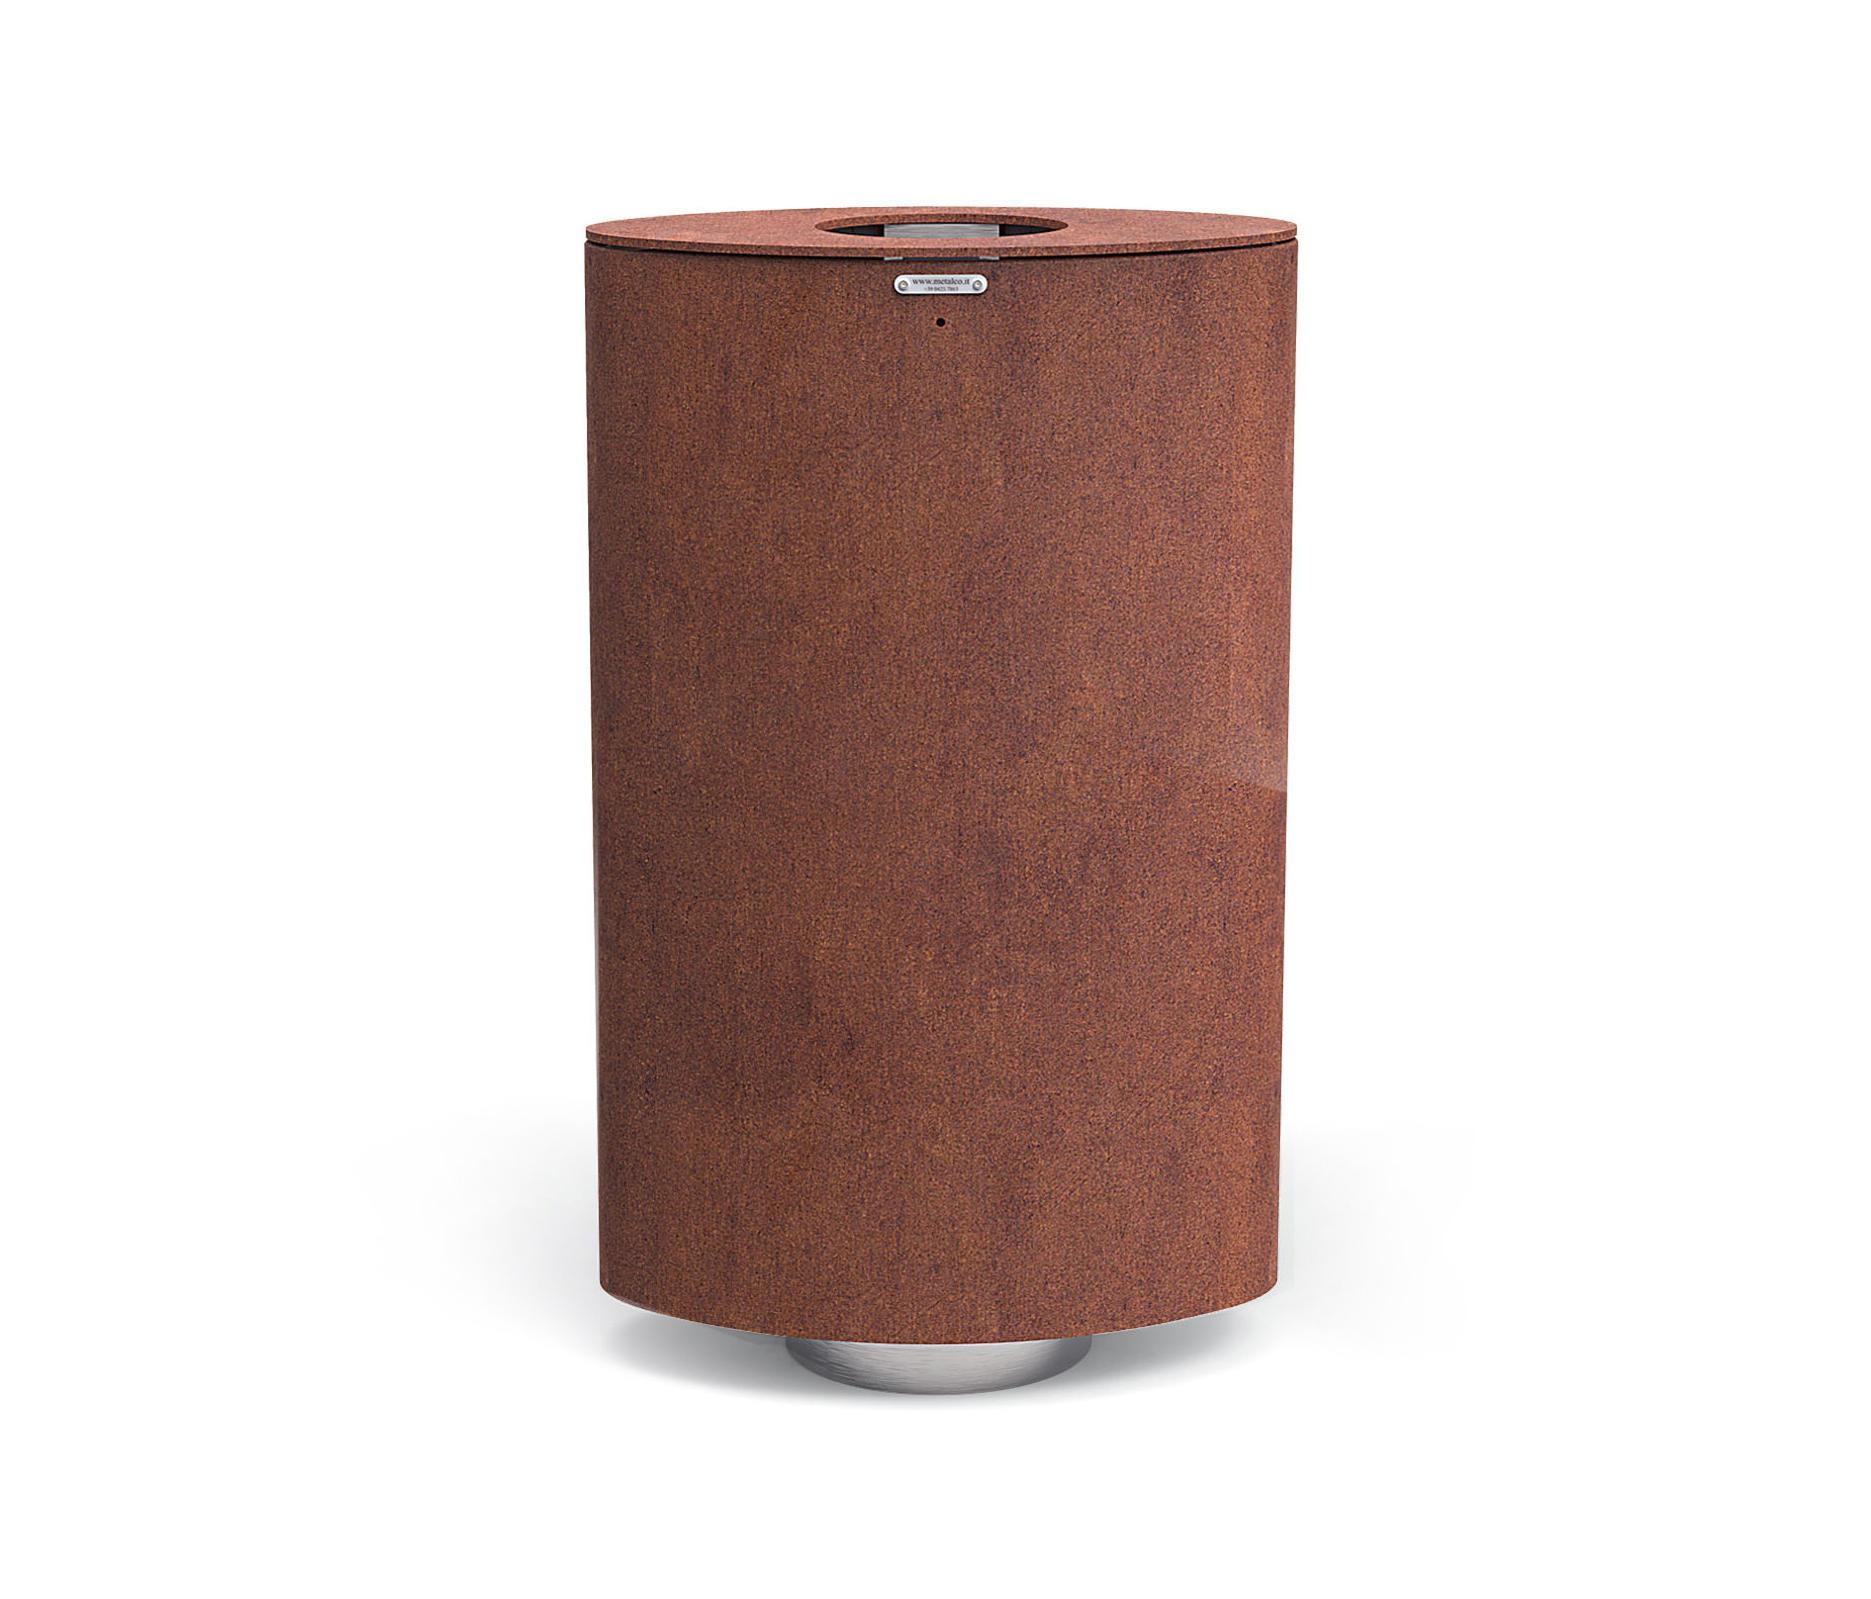 SPENCER - Cubos basura / Papeleras de Metalco   Architonic